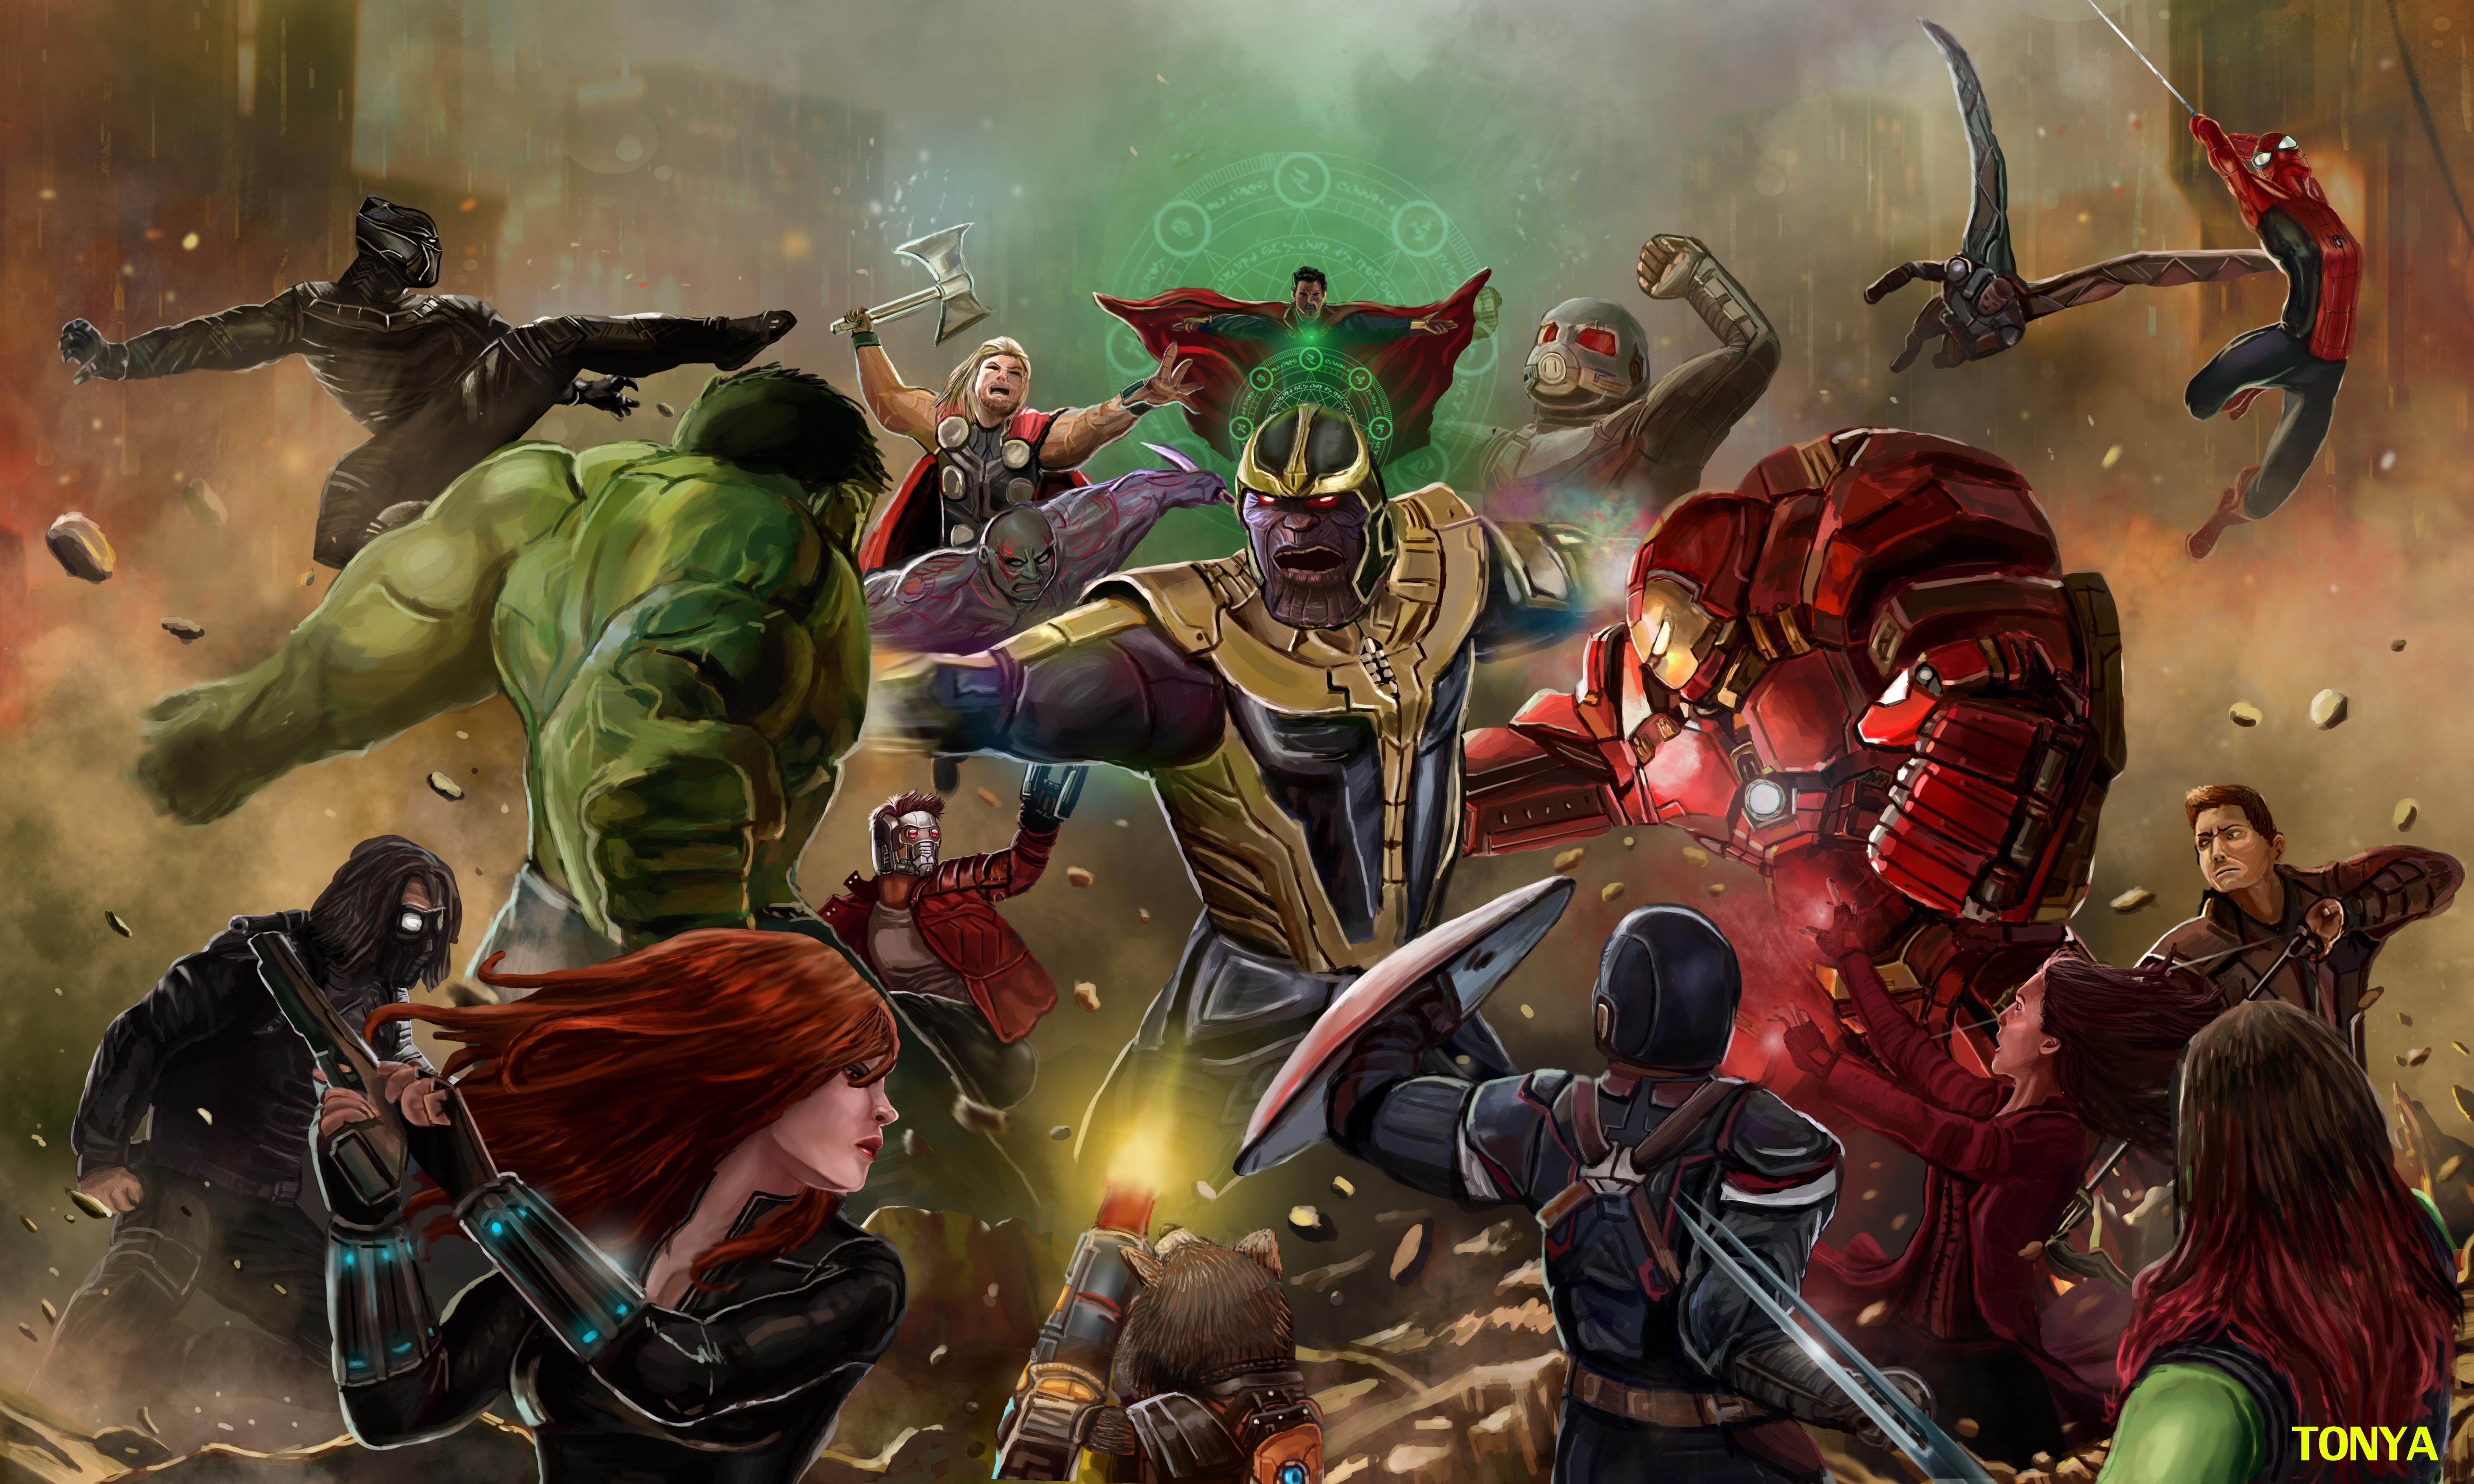 Wallpaper Thanos Avengers Infinity War Artwork Hd: Thanos Beating All The Avengers In Avengers Infinity War